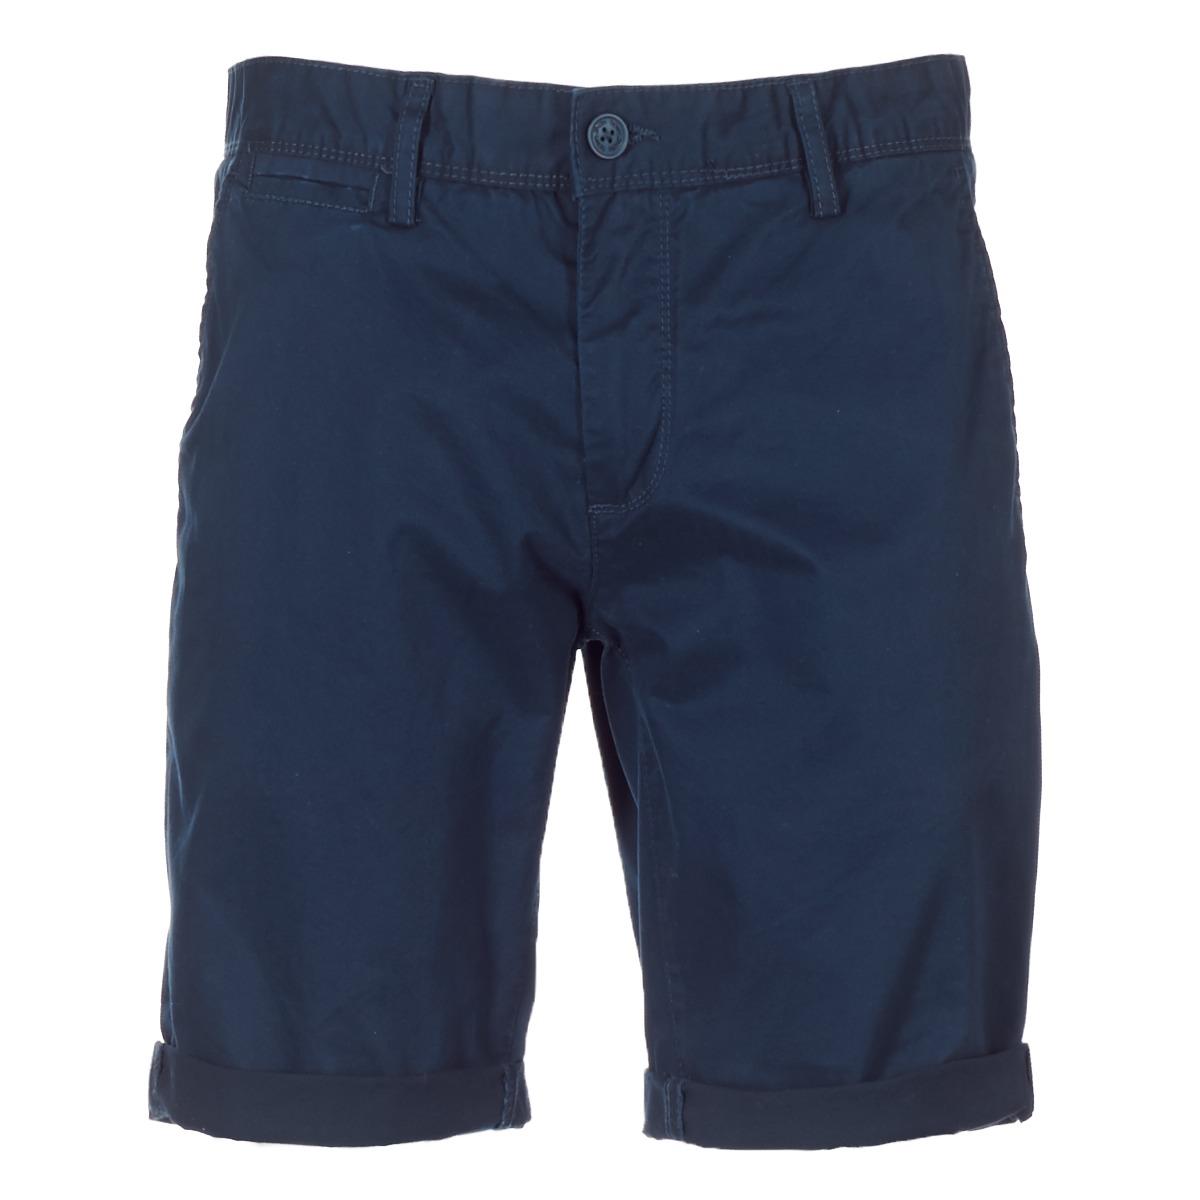 Shorts Teddy Smith  SHORT CHINO